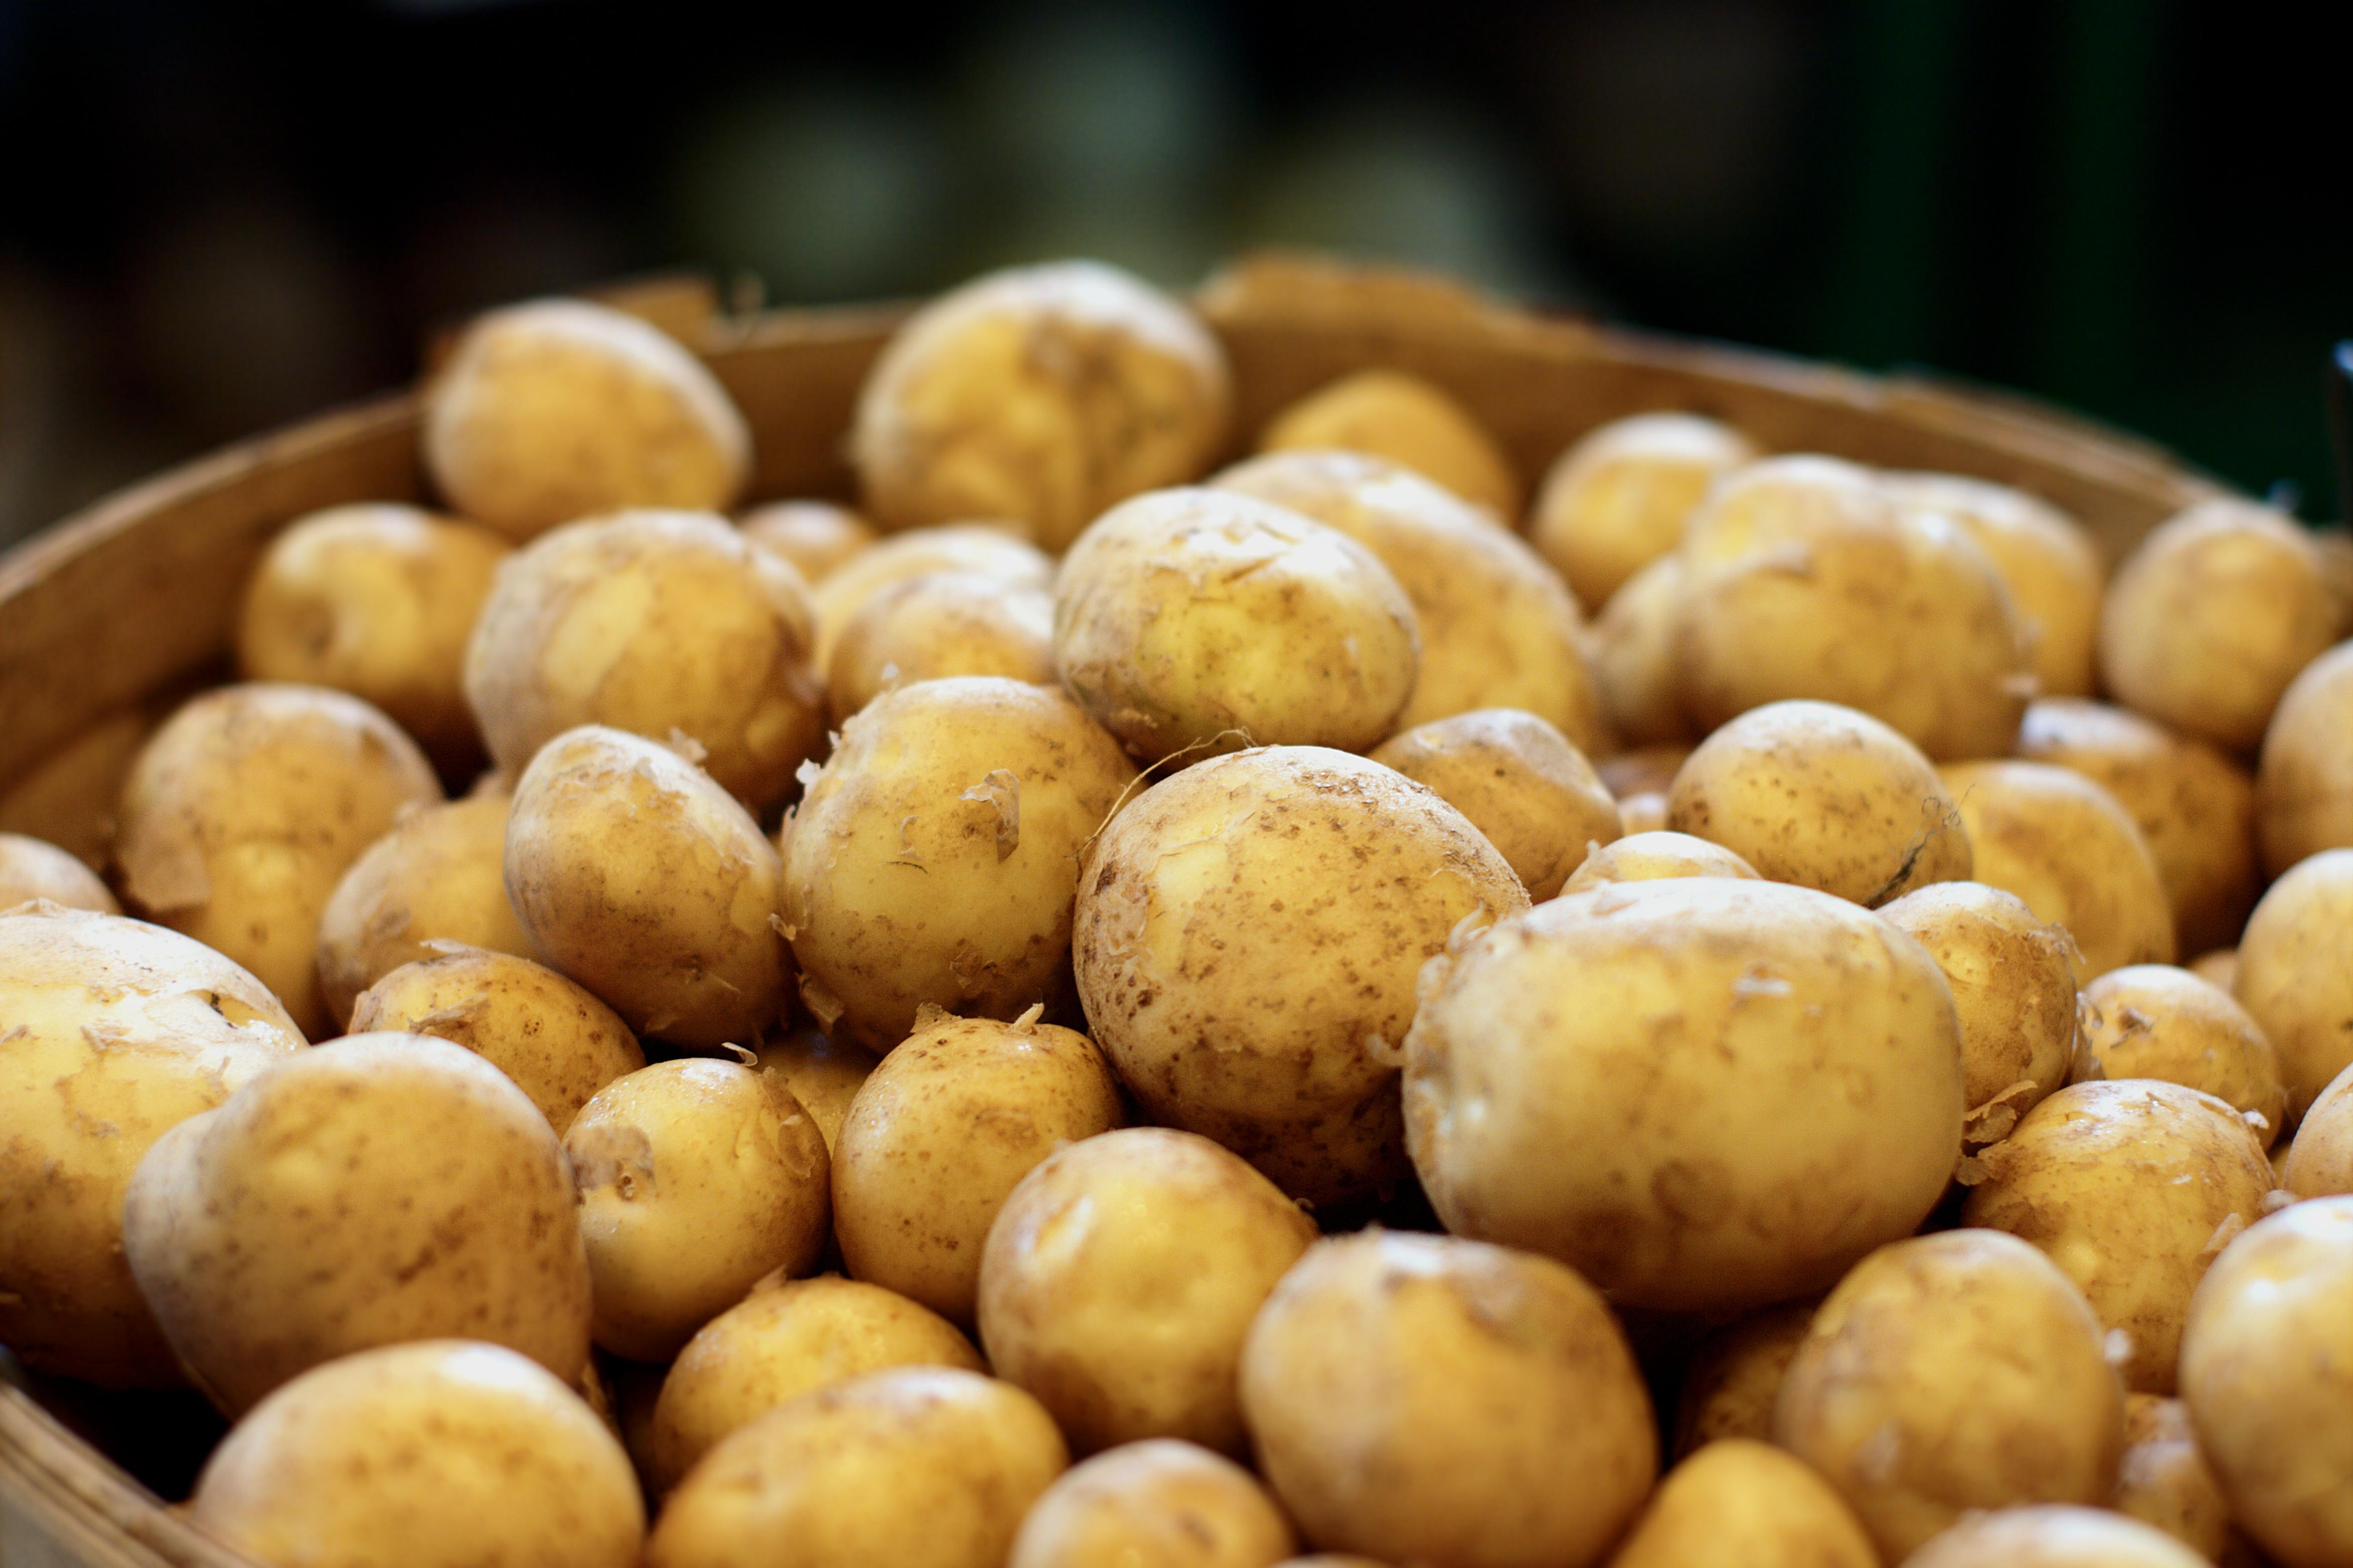 Fresh season potatoes